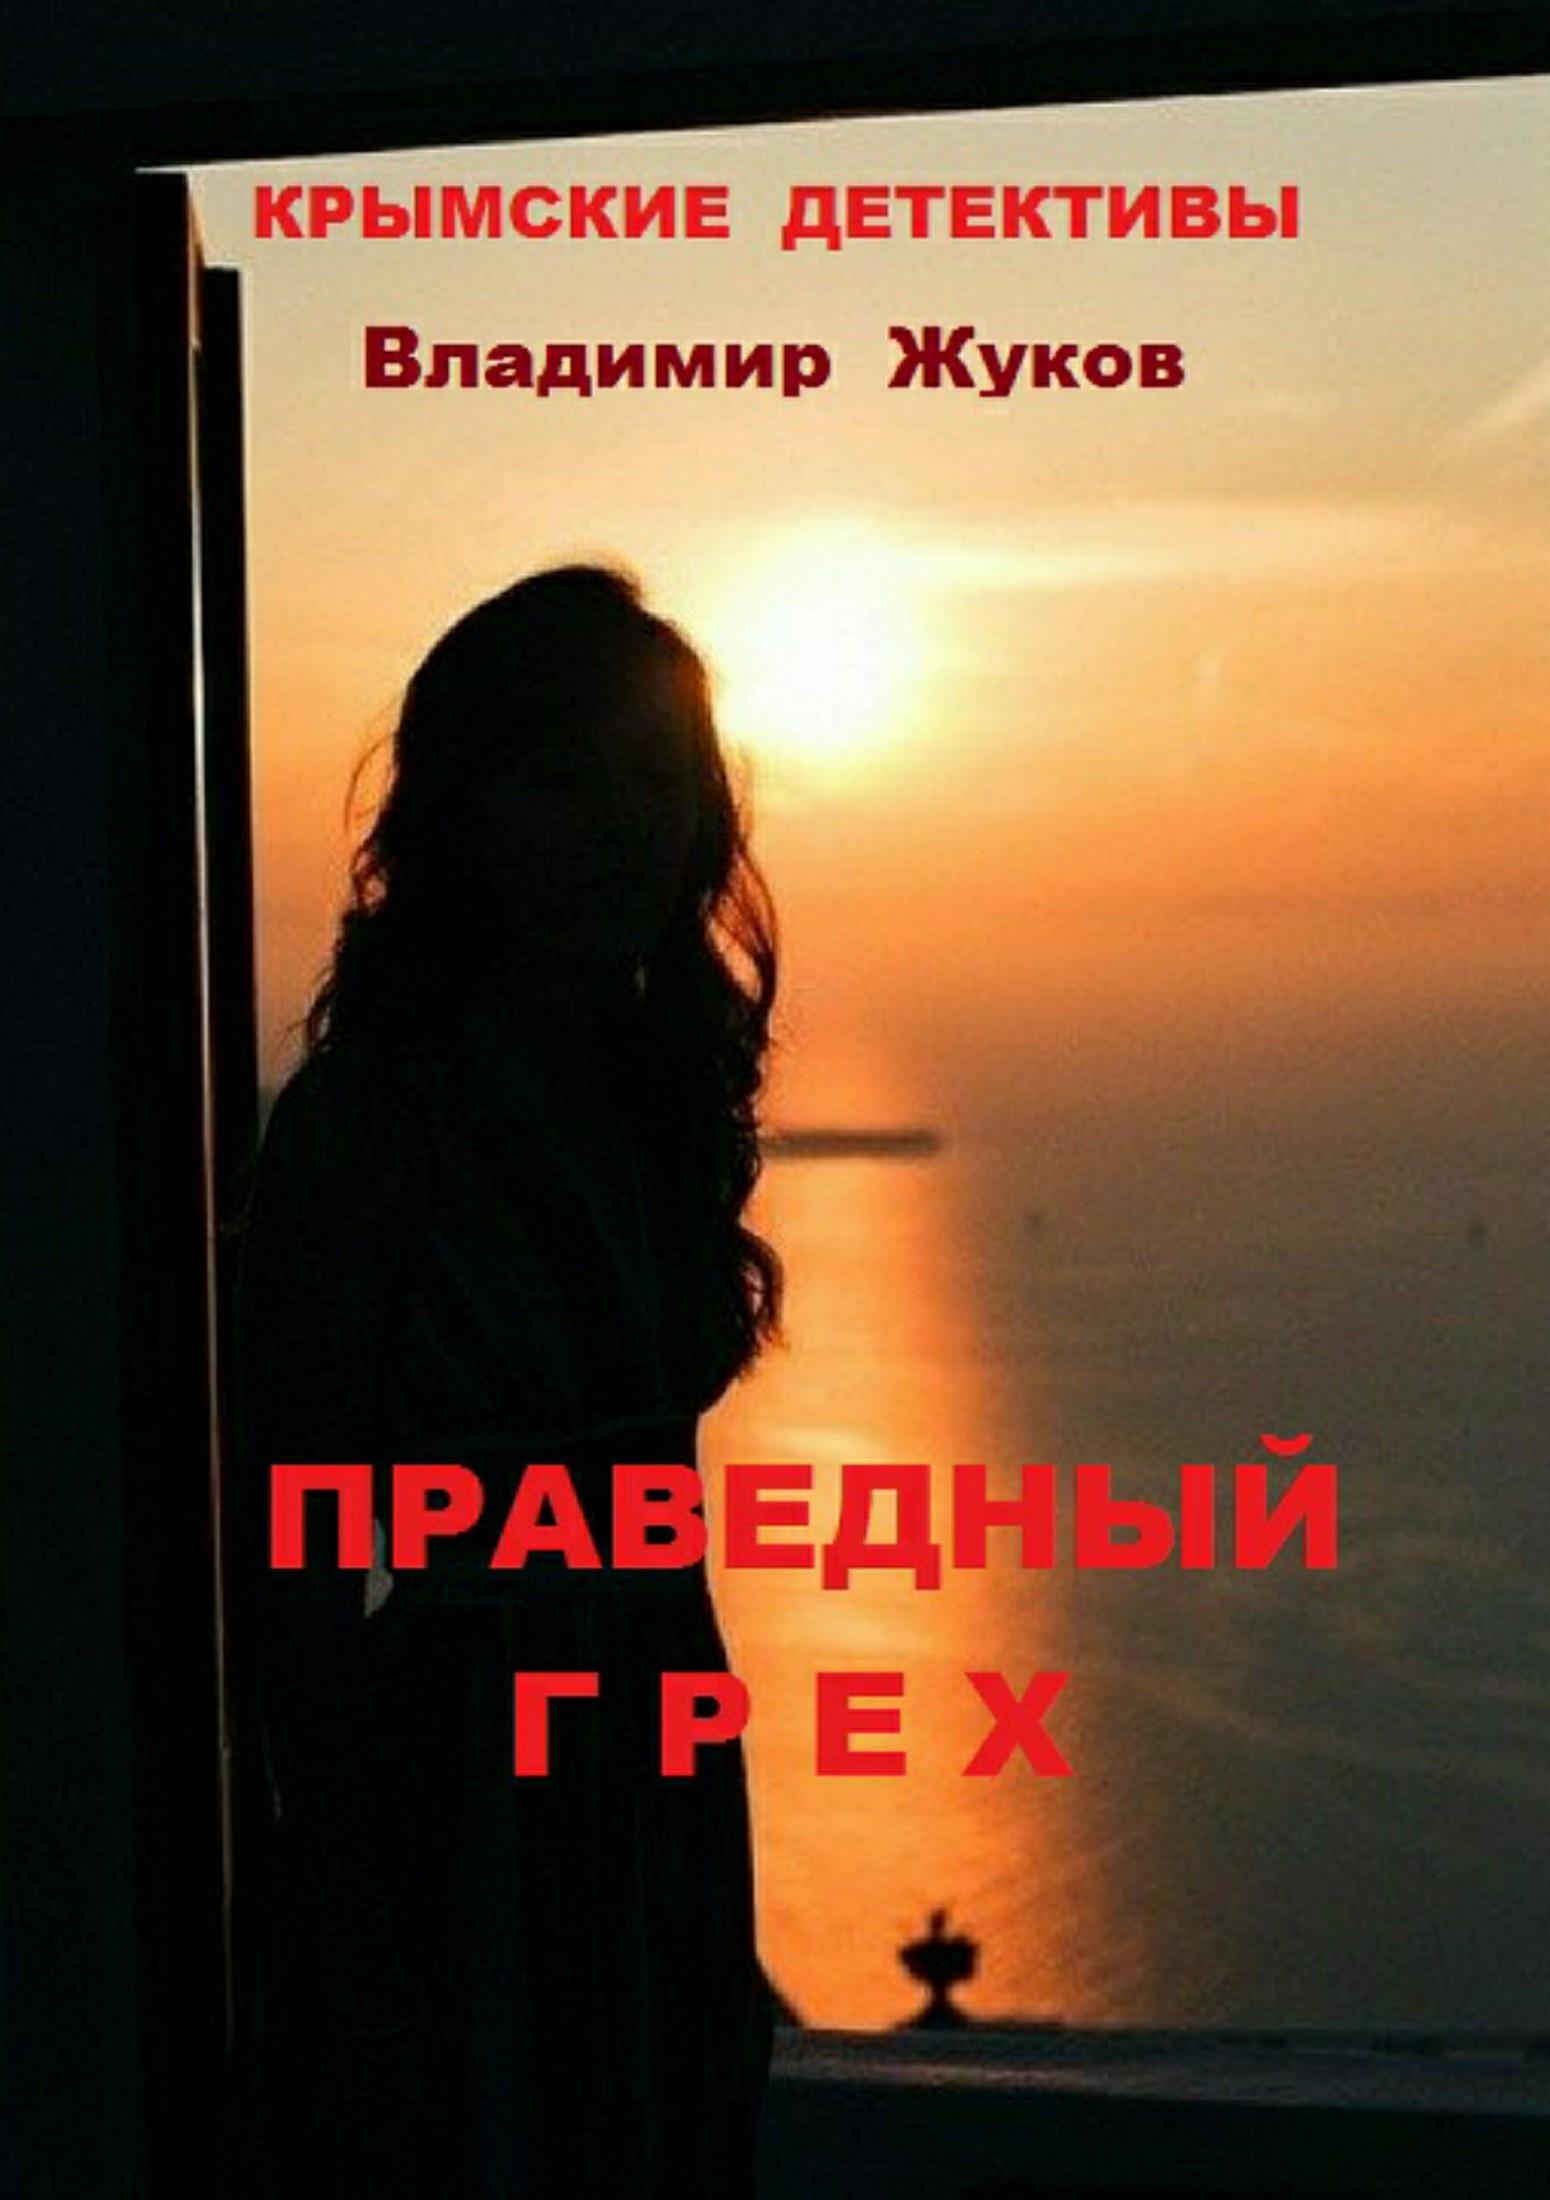 Владимир Александрович Жуков. Праведный грех